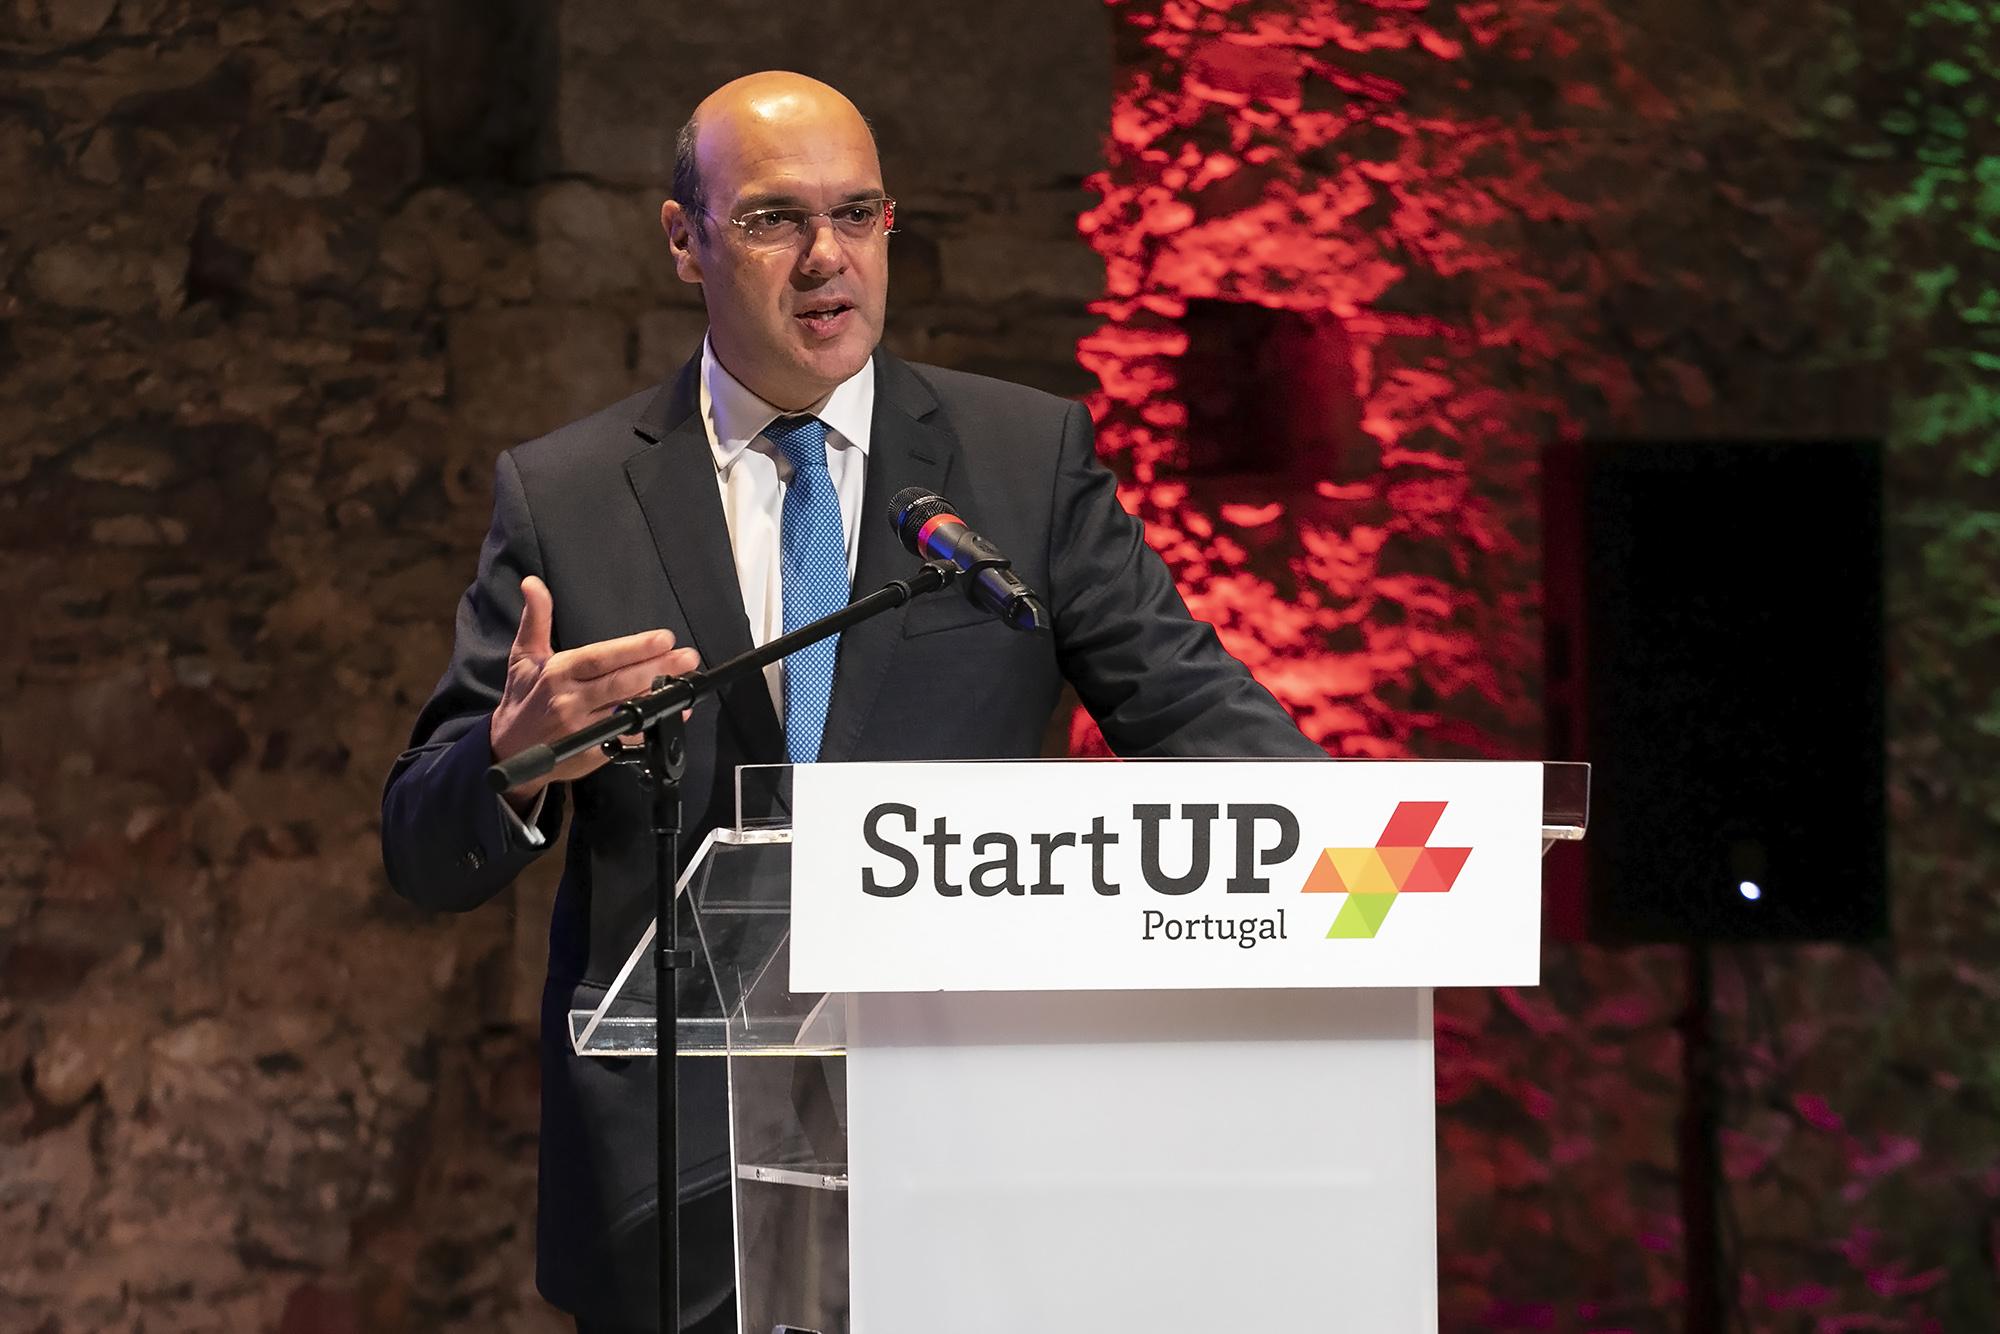 Apresentação dos resultados da Startup Portugal e o impacto do Ecossistema empreendedor na Economia portuguesa - 26JUL19